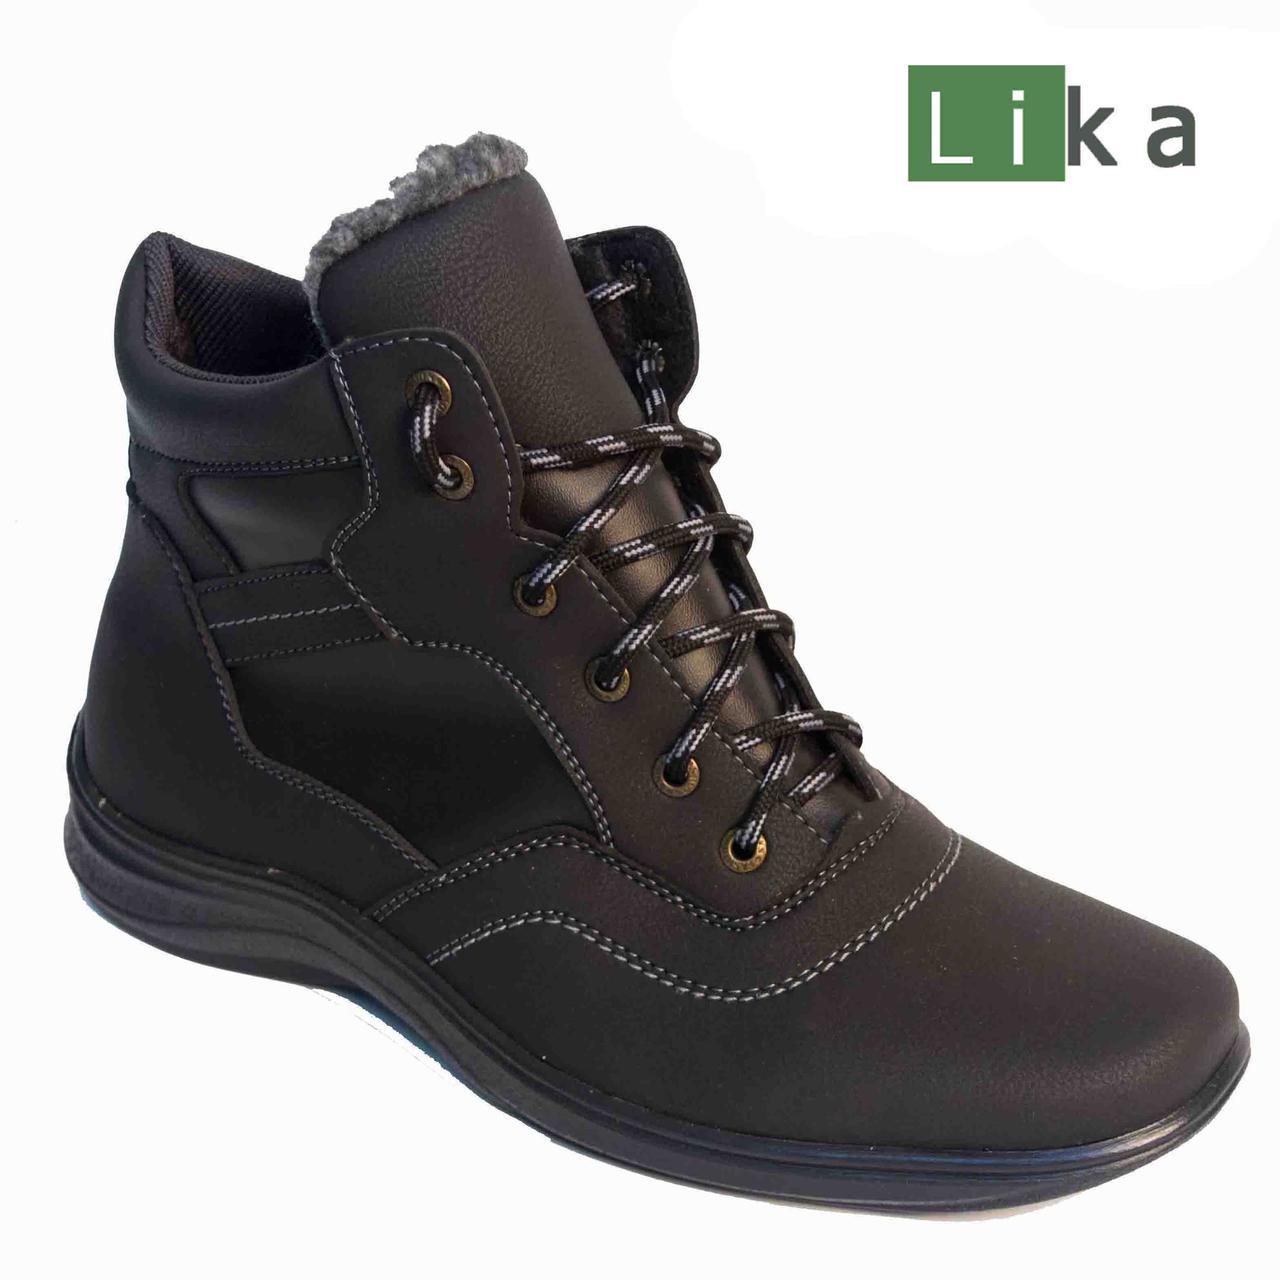 Чоловіче взуття оптом - Львівська фабрика взуття Lika 6420210b61f7c